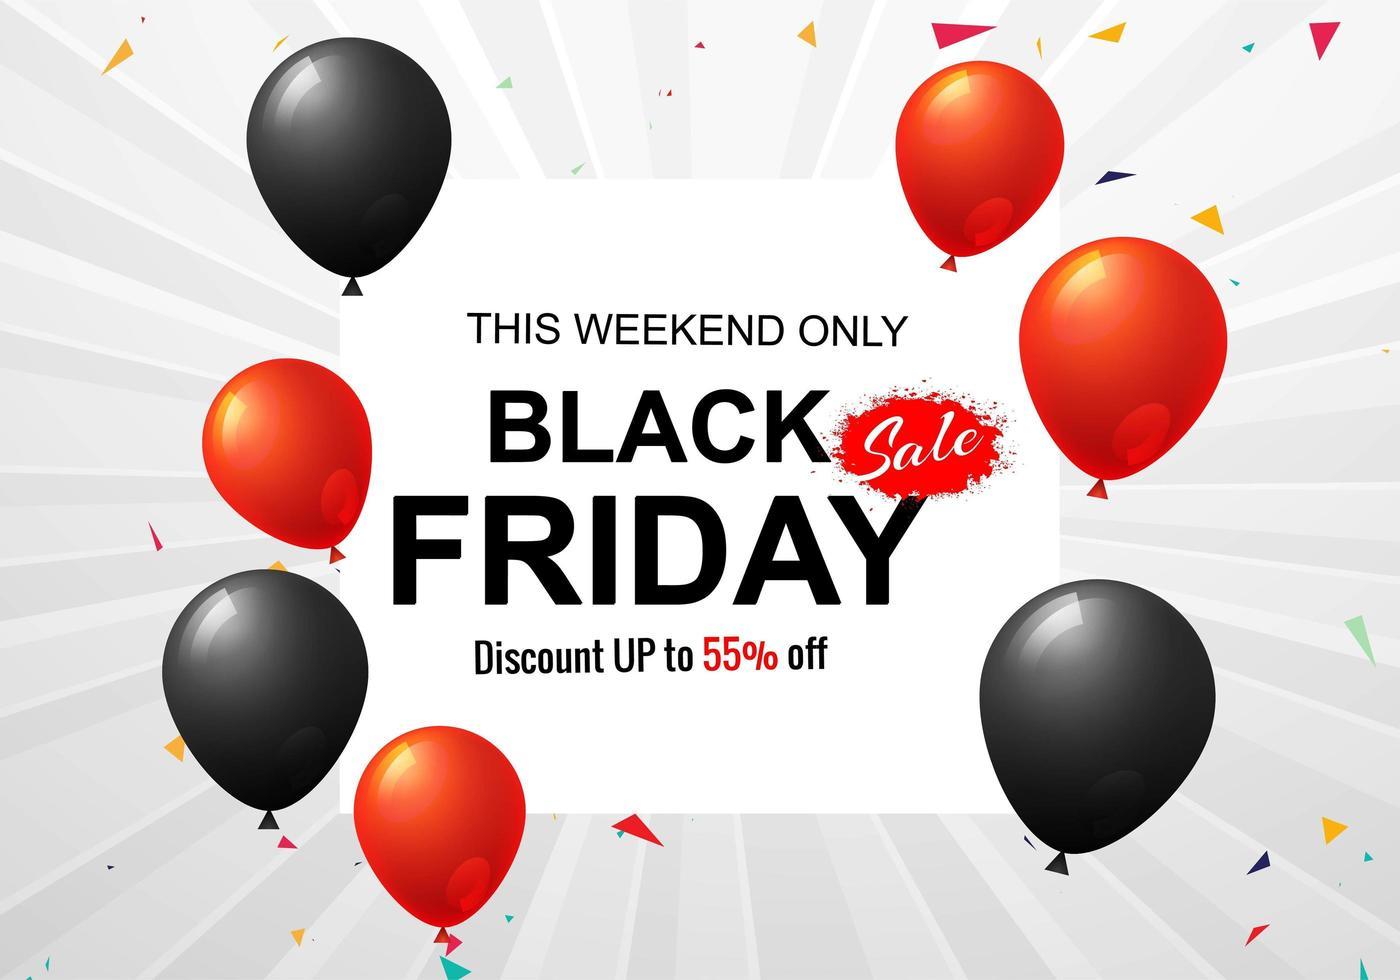 zwarte vrijdag verkoop poster voor ballonnen en confetti achtergrond vector